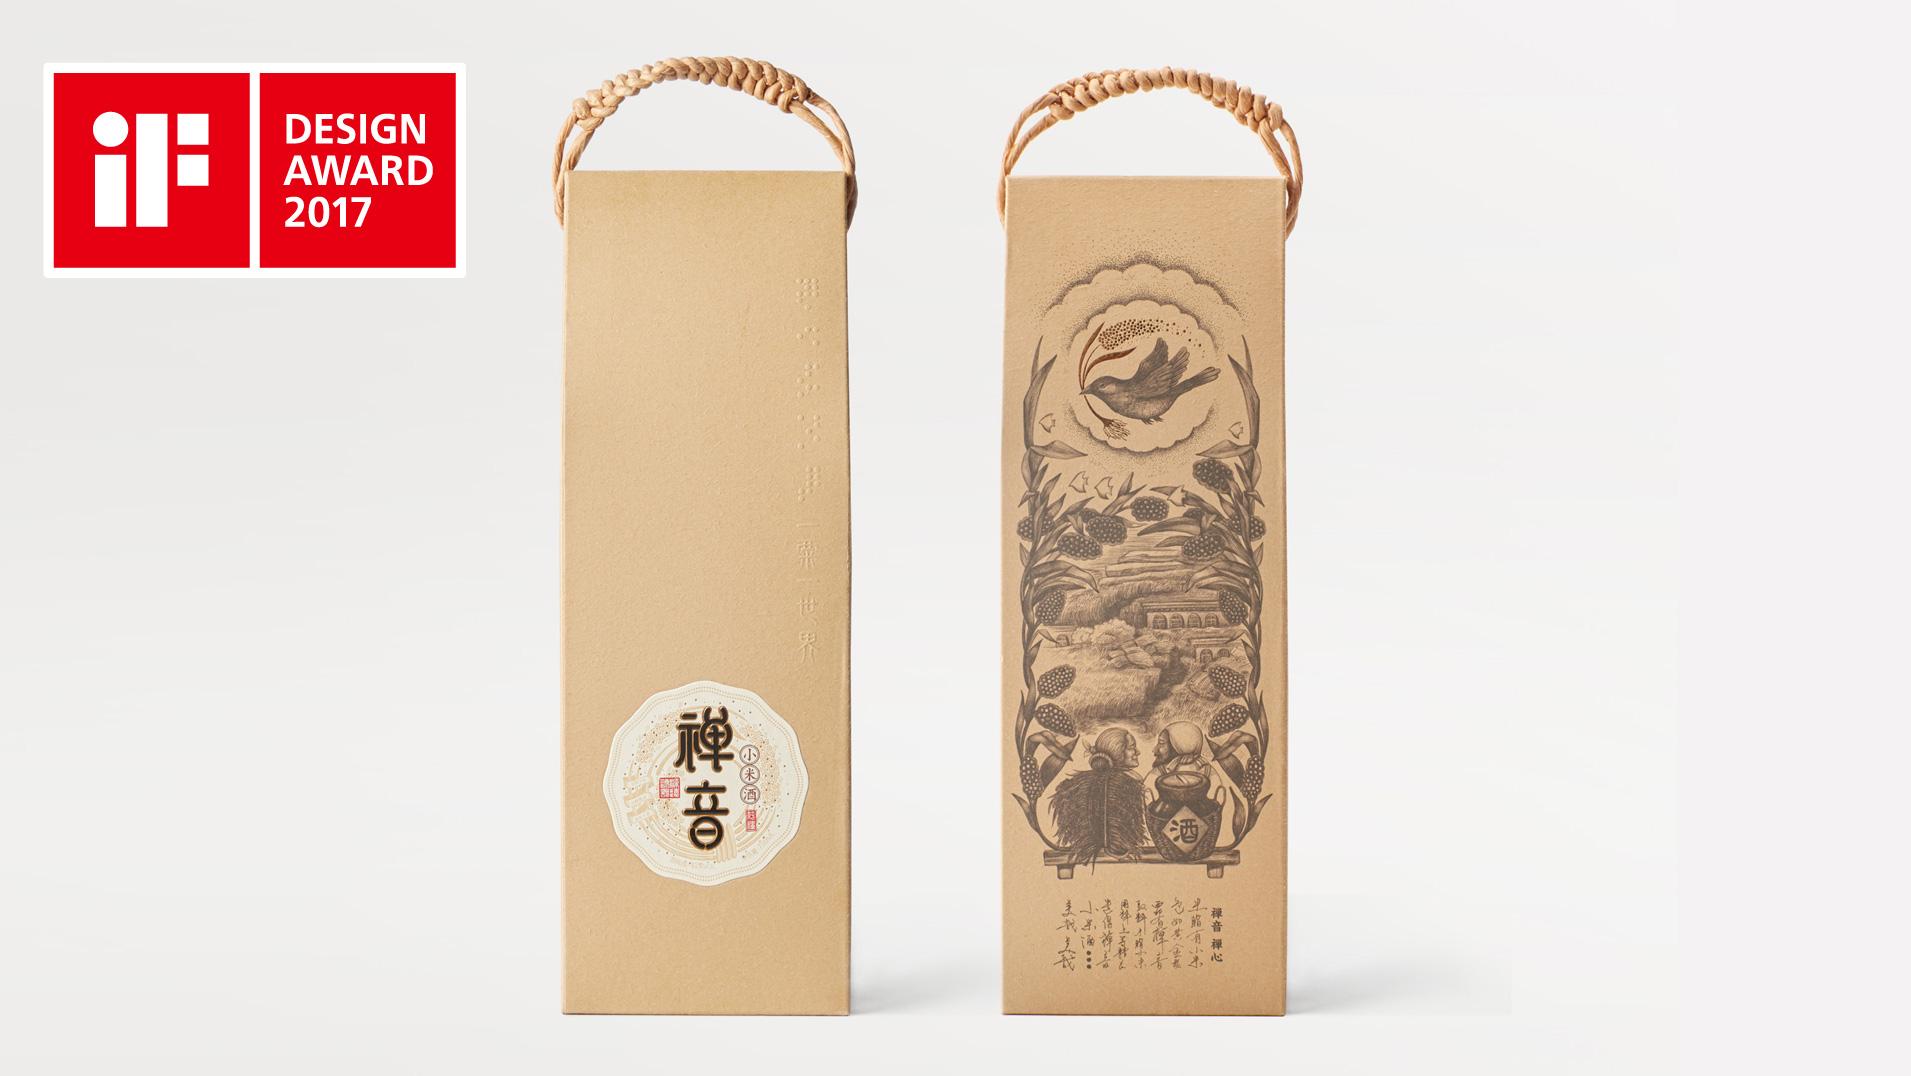 酒包装设计-禅音小米酒-凌云创意设计欣赏